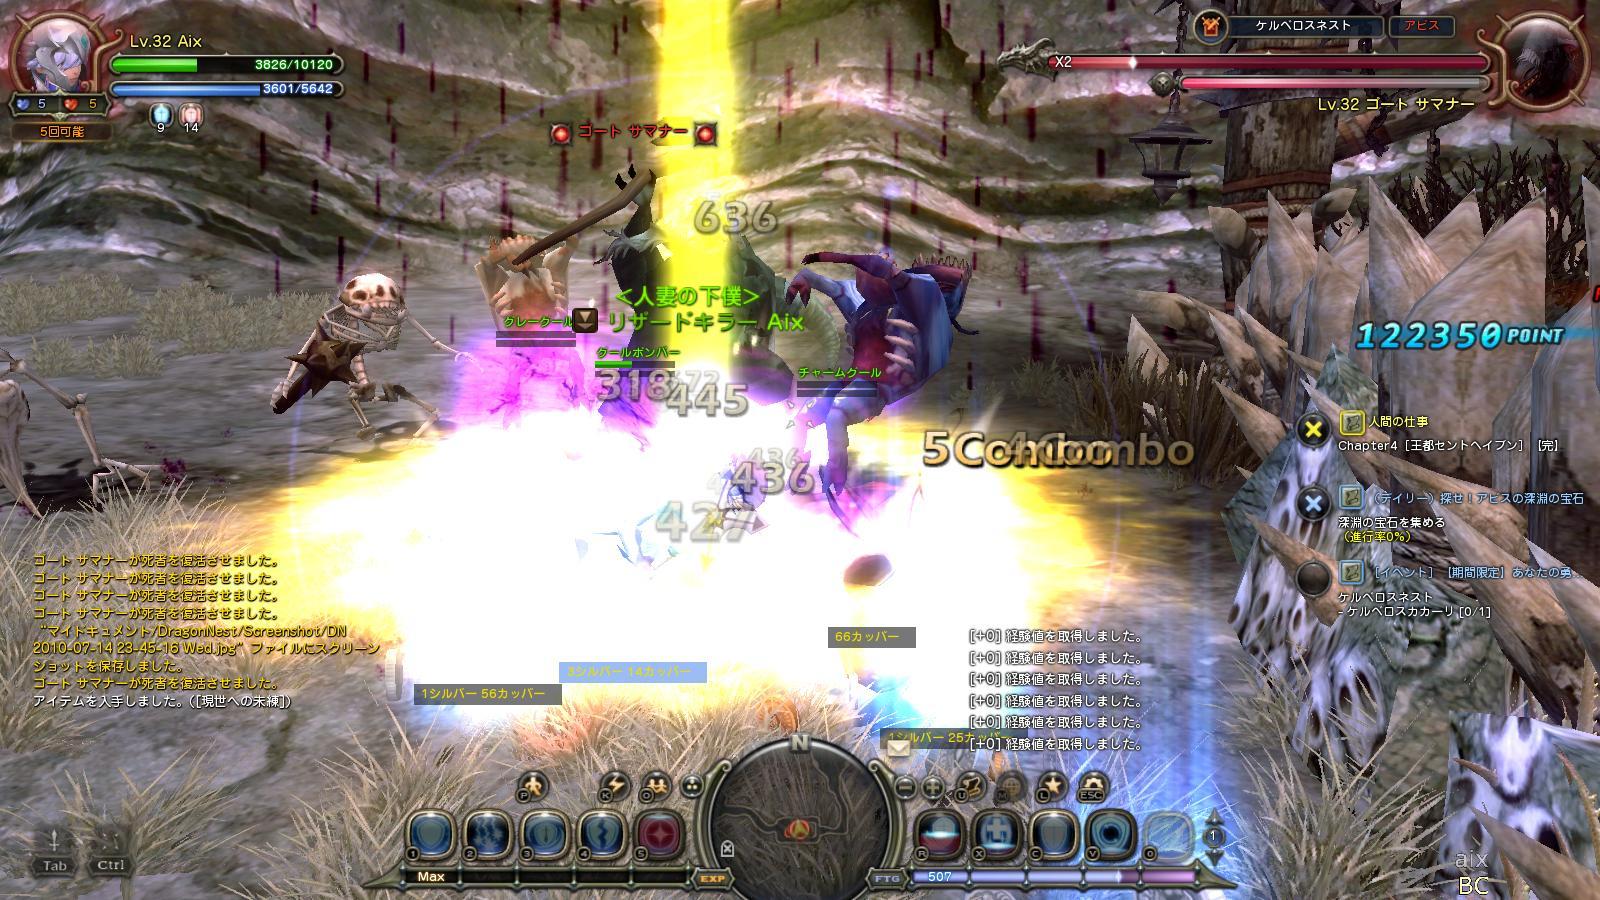 DN 2010-07-14 23-45-56 Wed